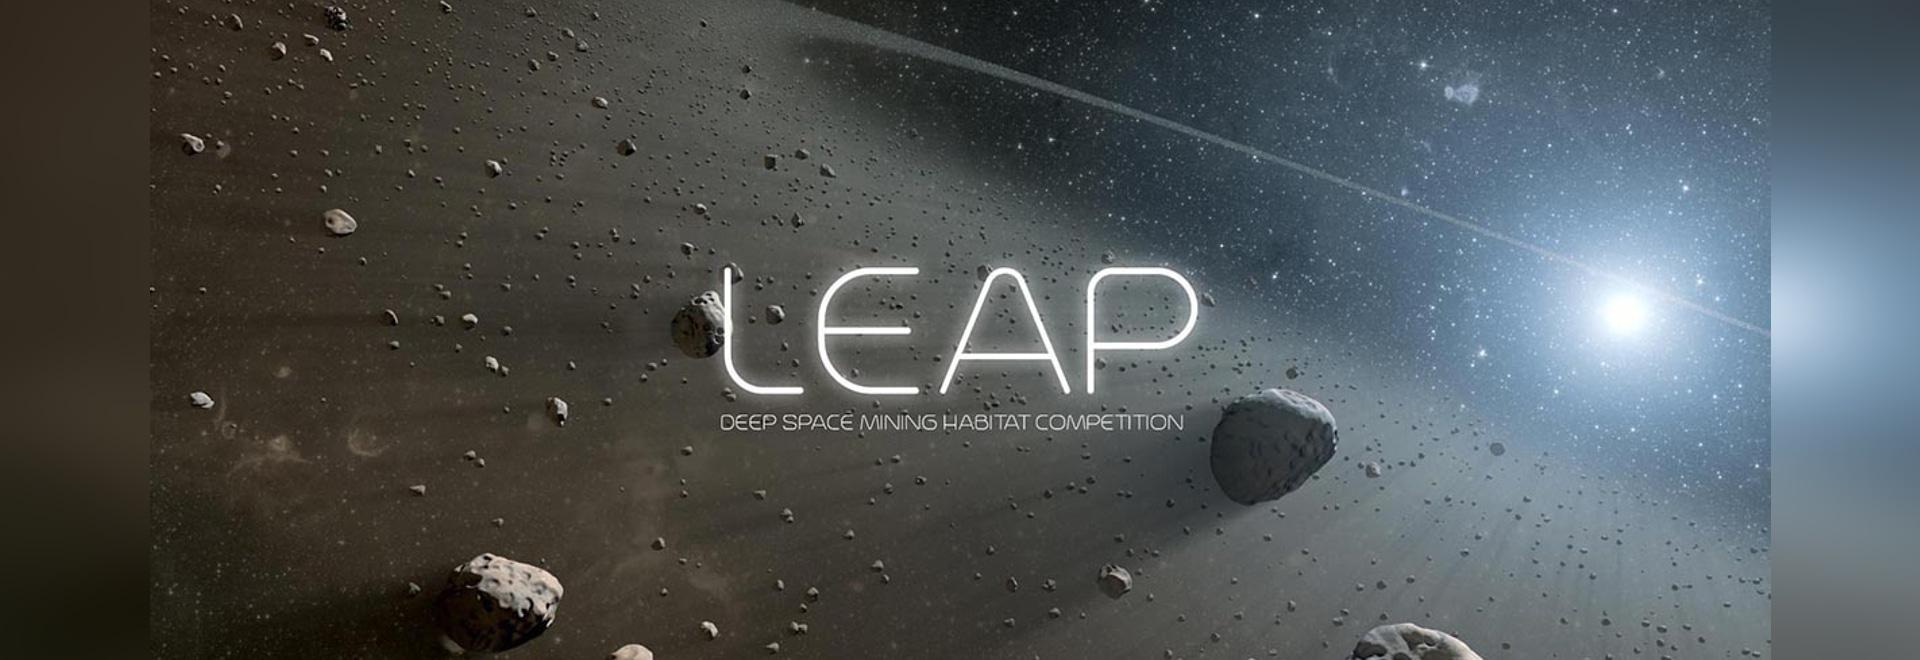 La compétition : Saut - Concours de conception d'habitats spatiaux